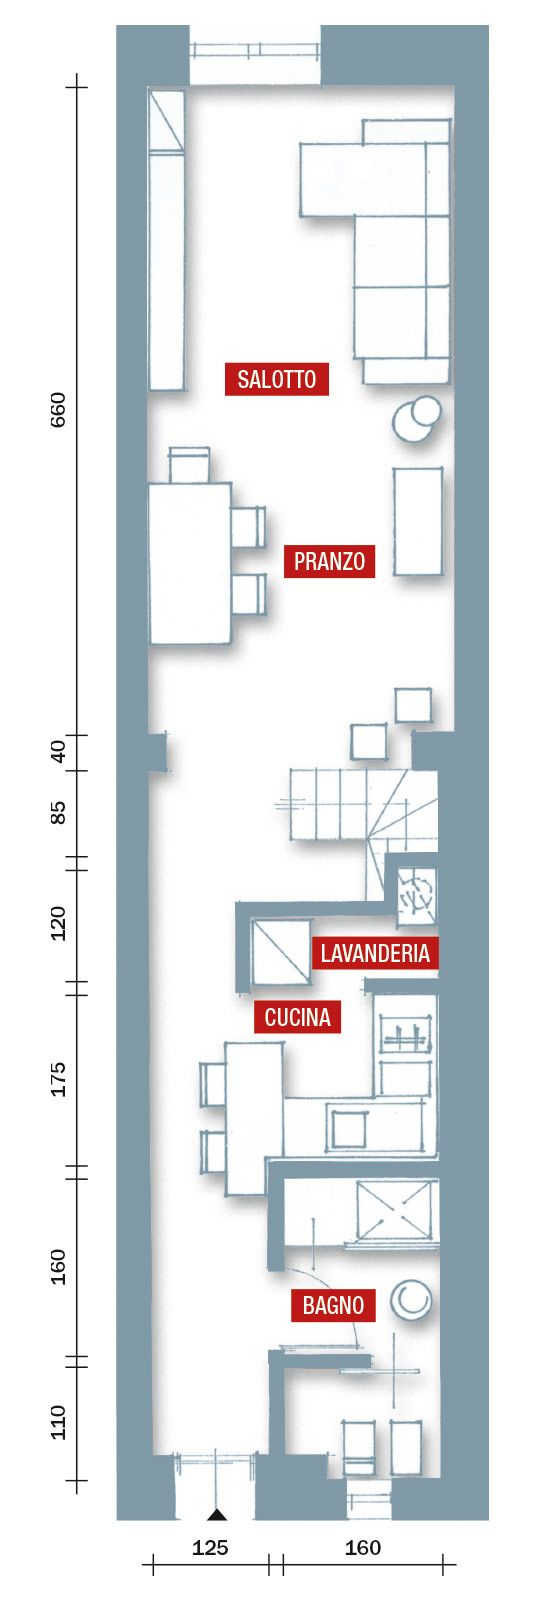 Oltre 25 fantastiche idee su casa stretta su pinterest for Piccoli piani di costruzione della casa